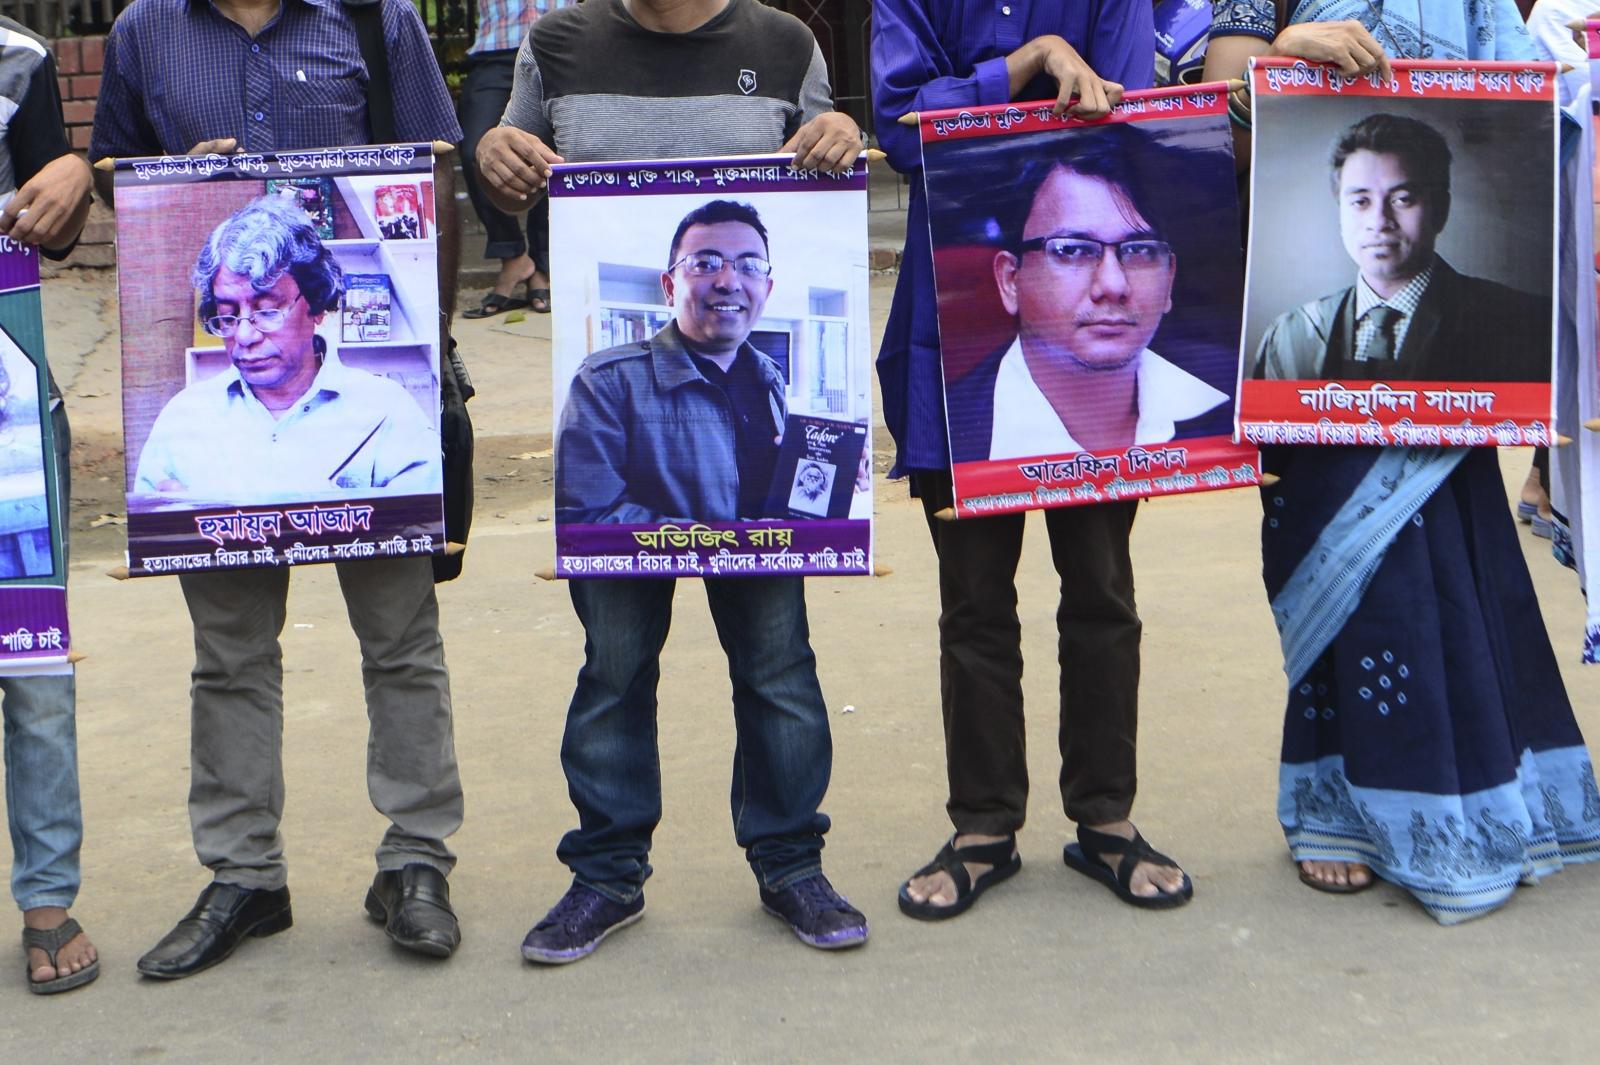 Bangladesh arrests